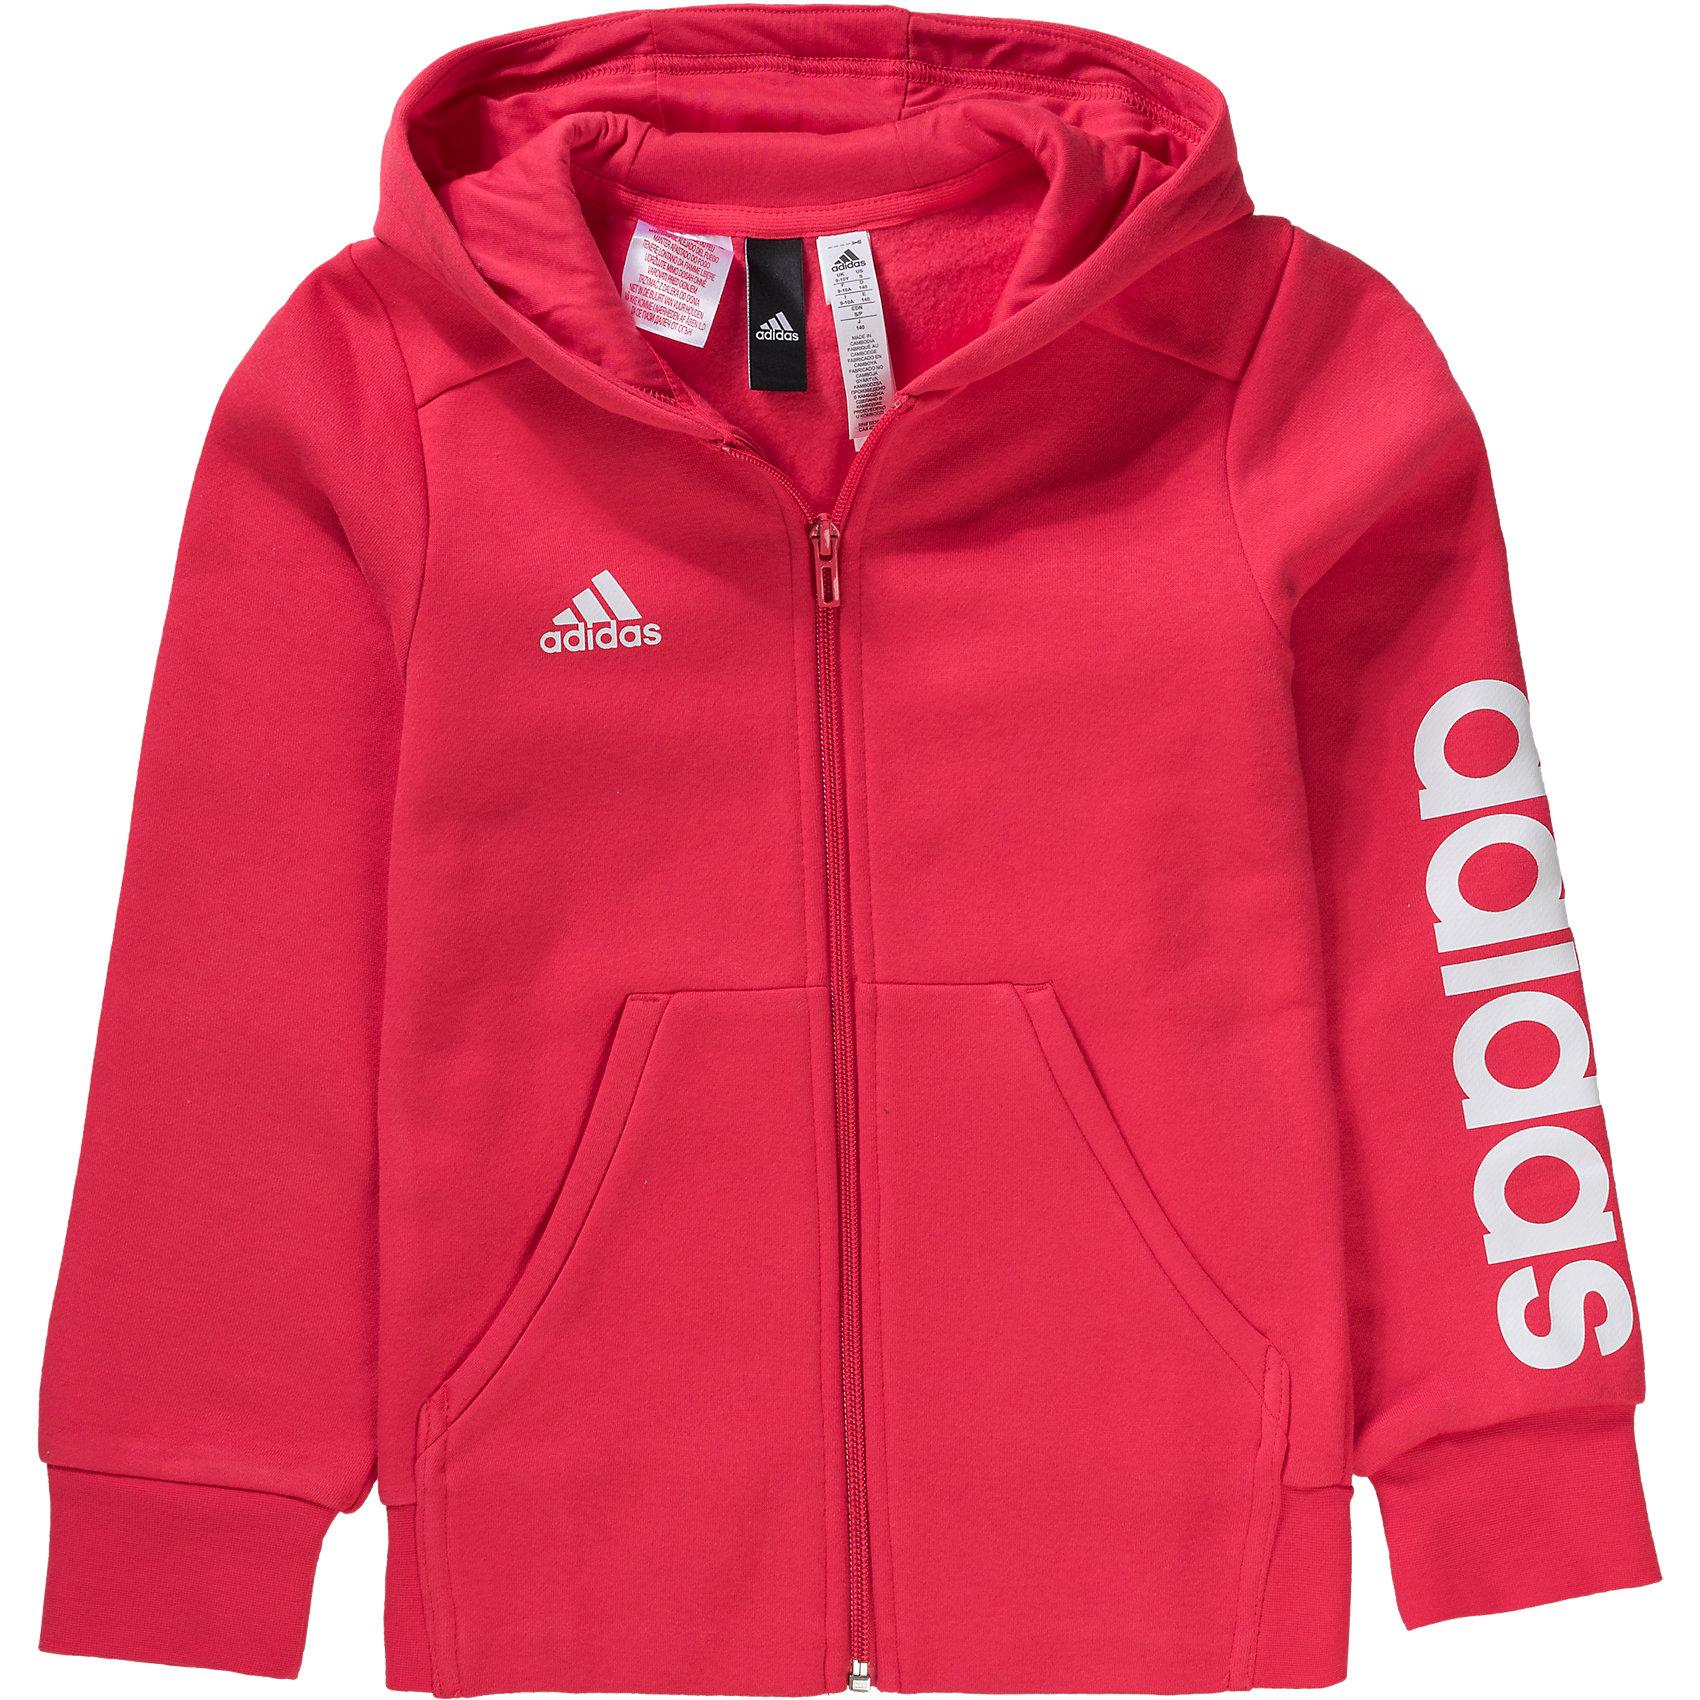 Details zu Neu adidas Performance Sweatjacke für Mädchen 5808710 für Mädchen pink